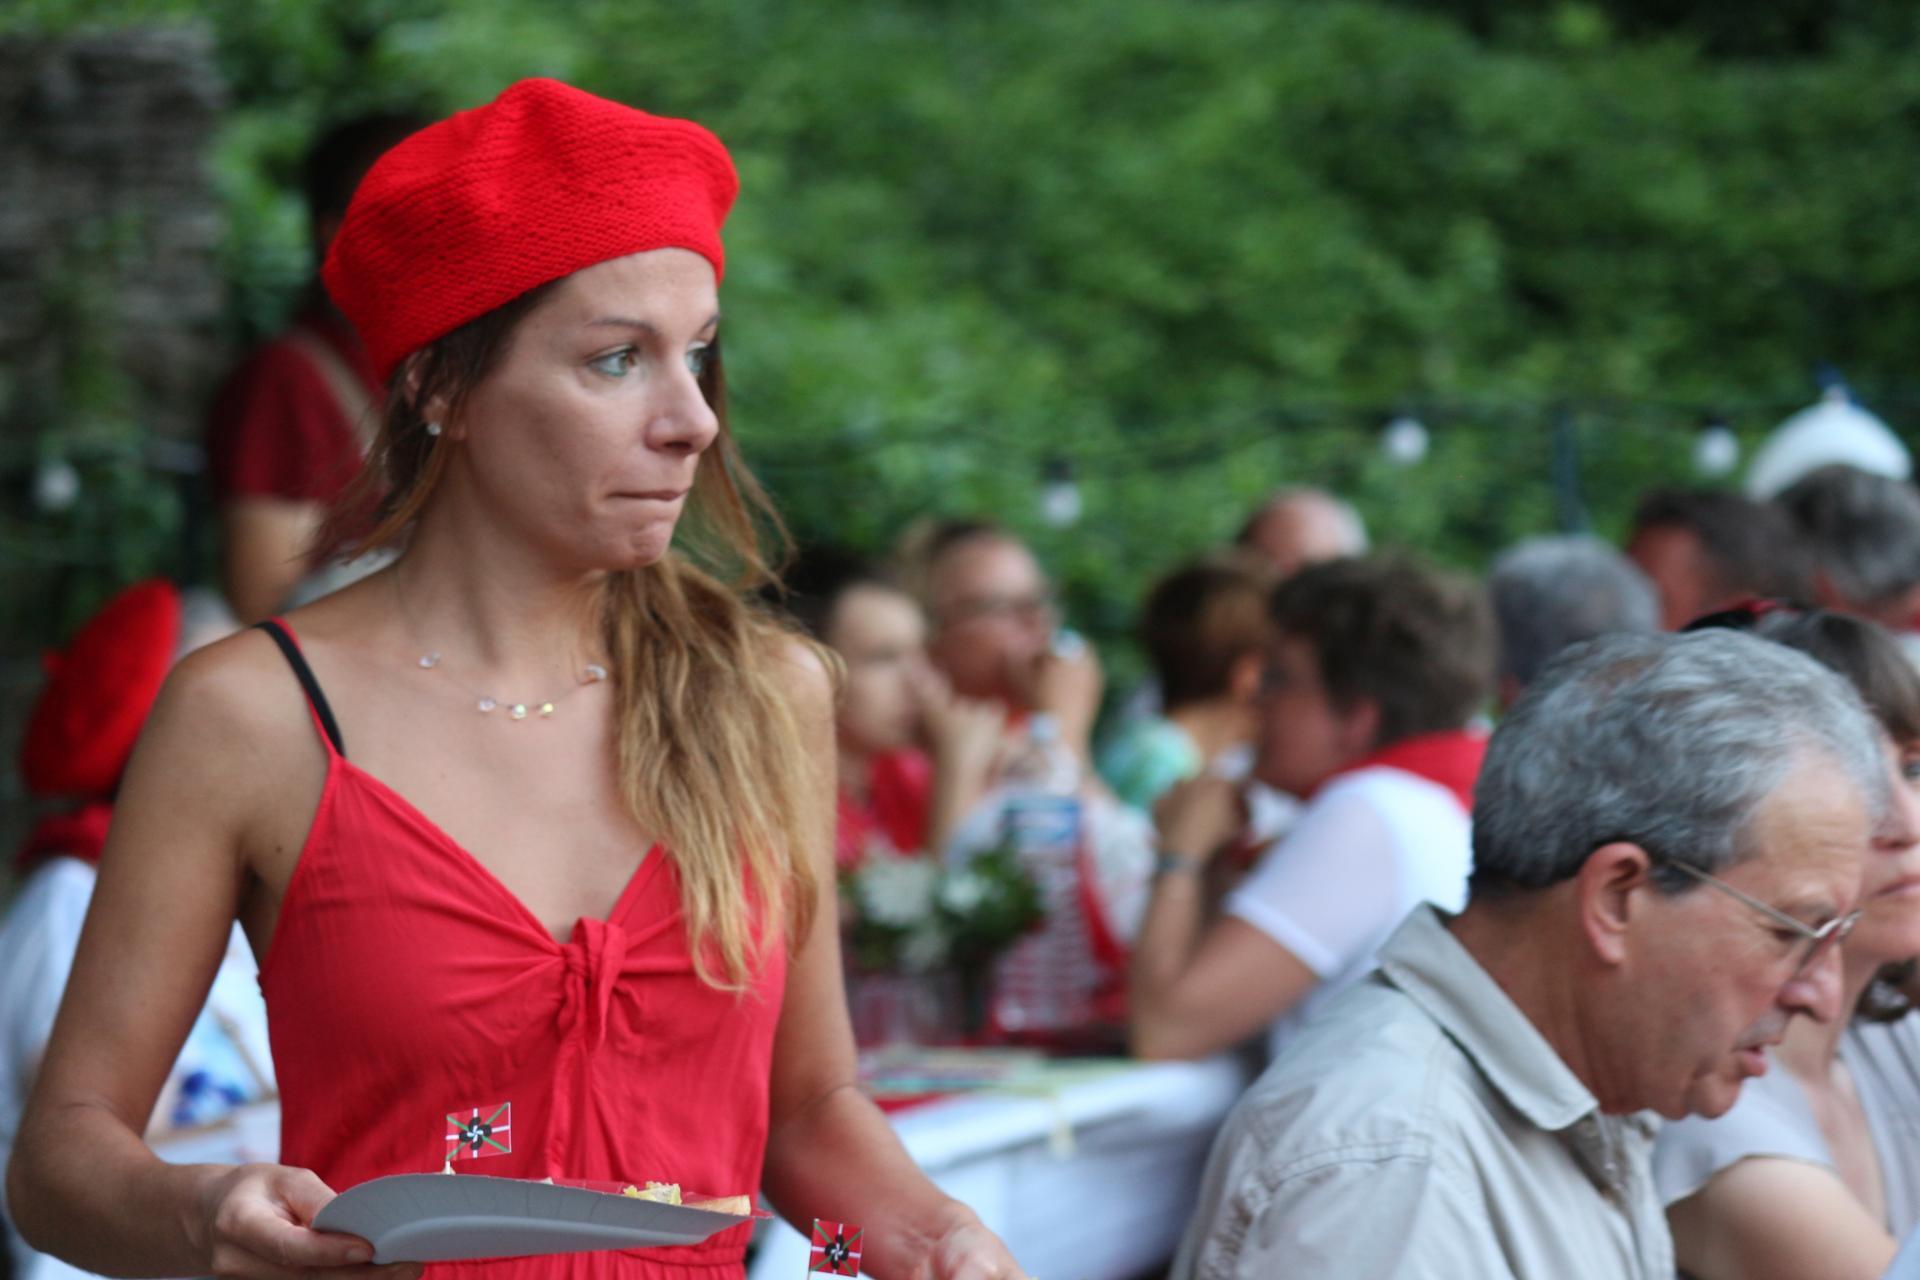 La fête basque